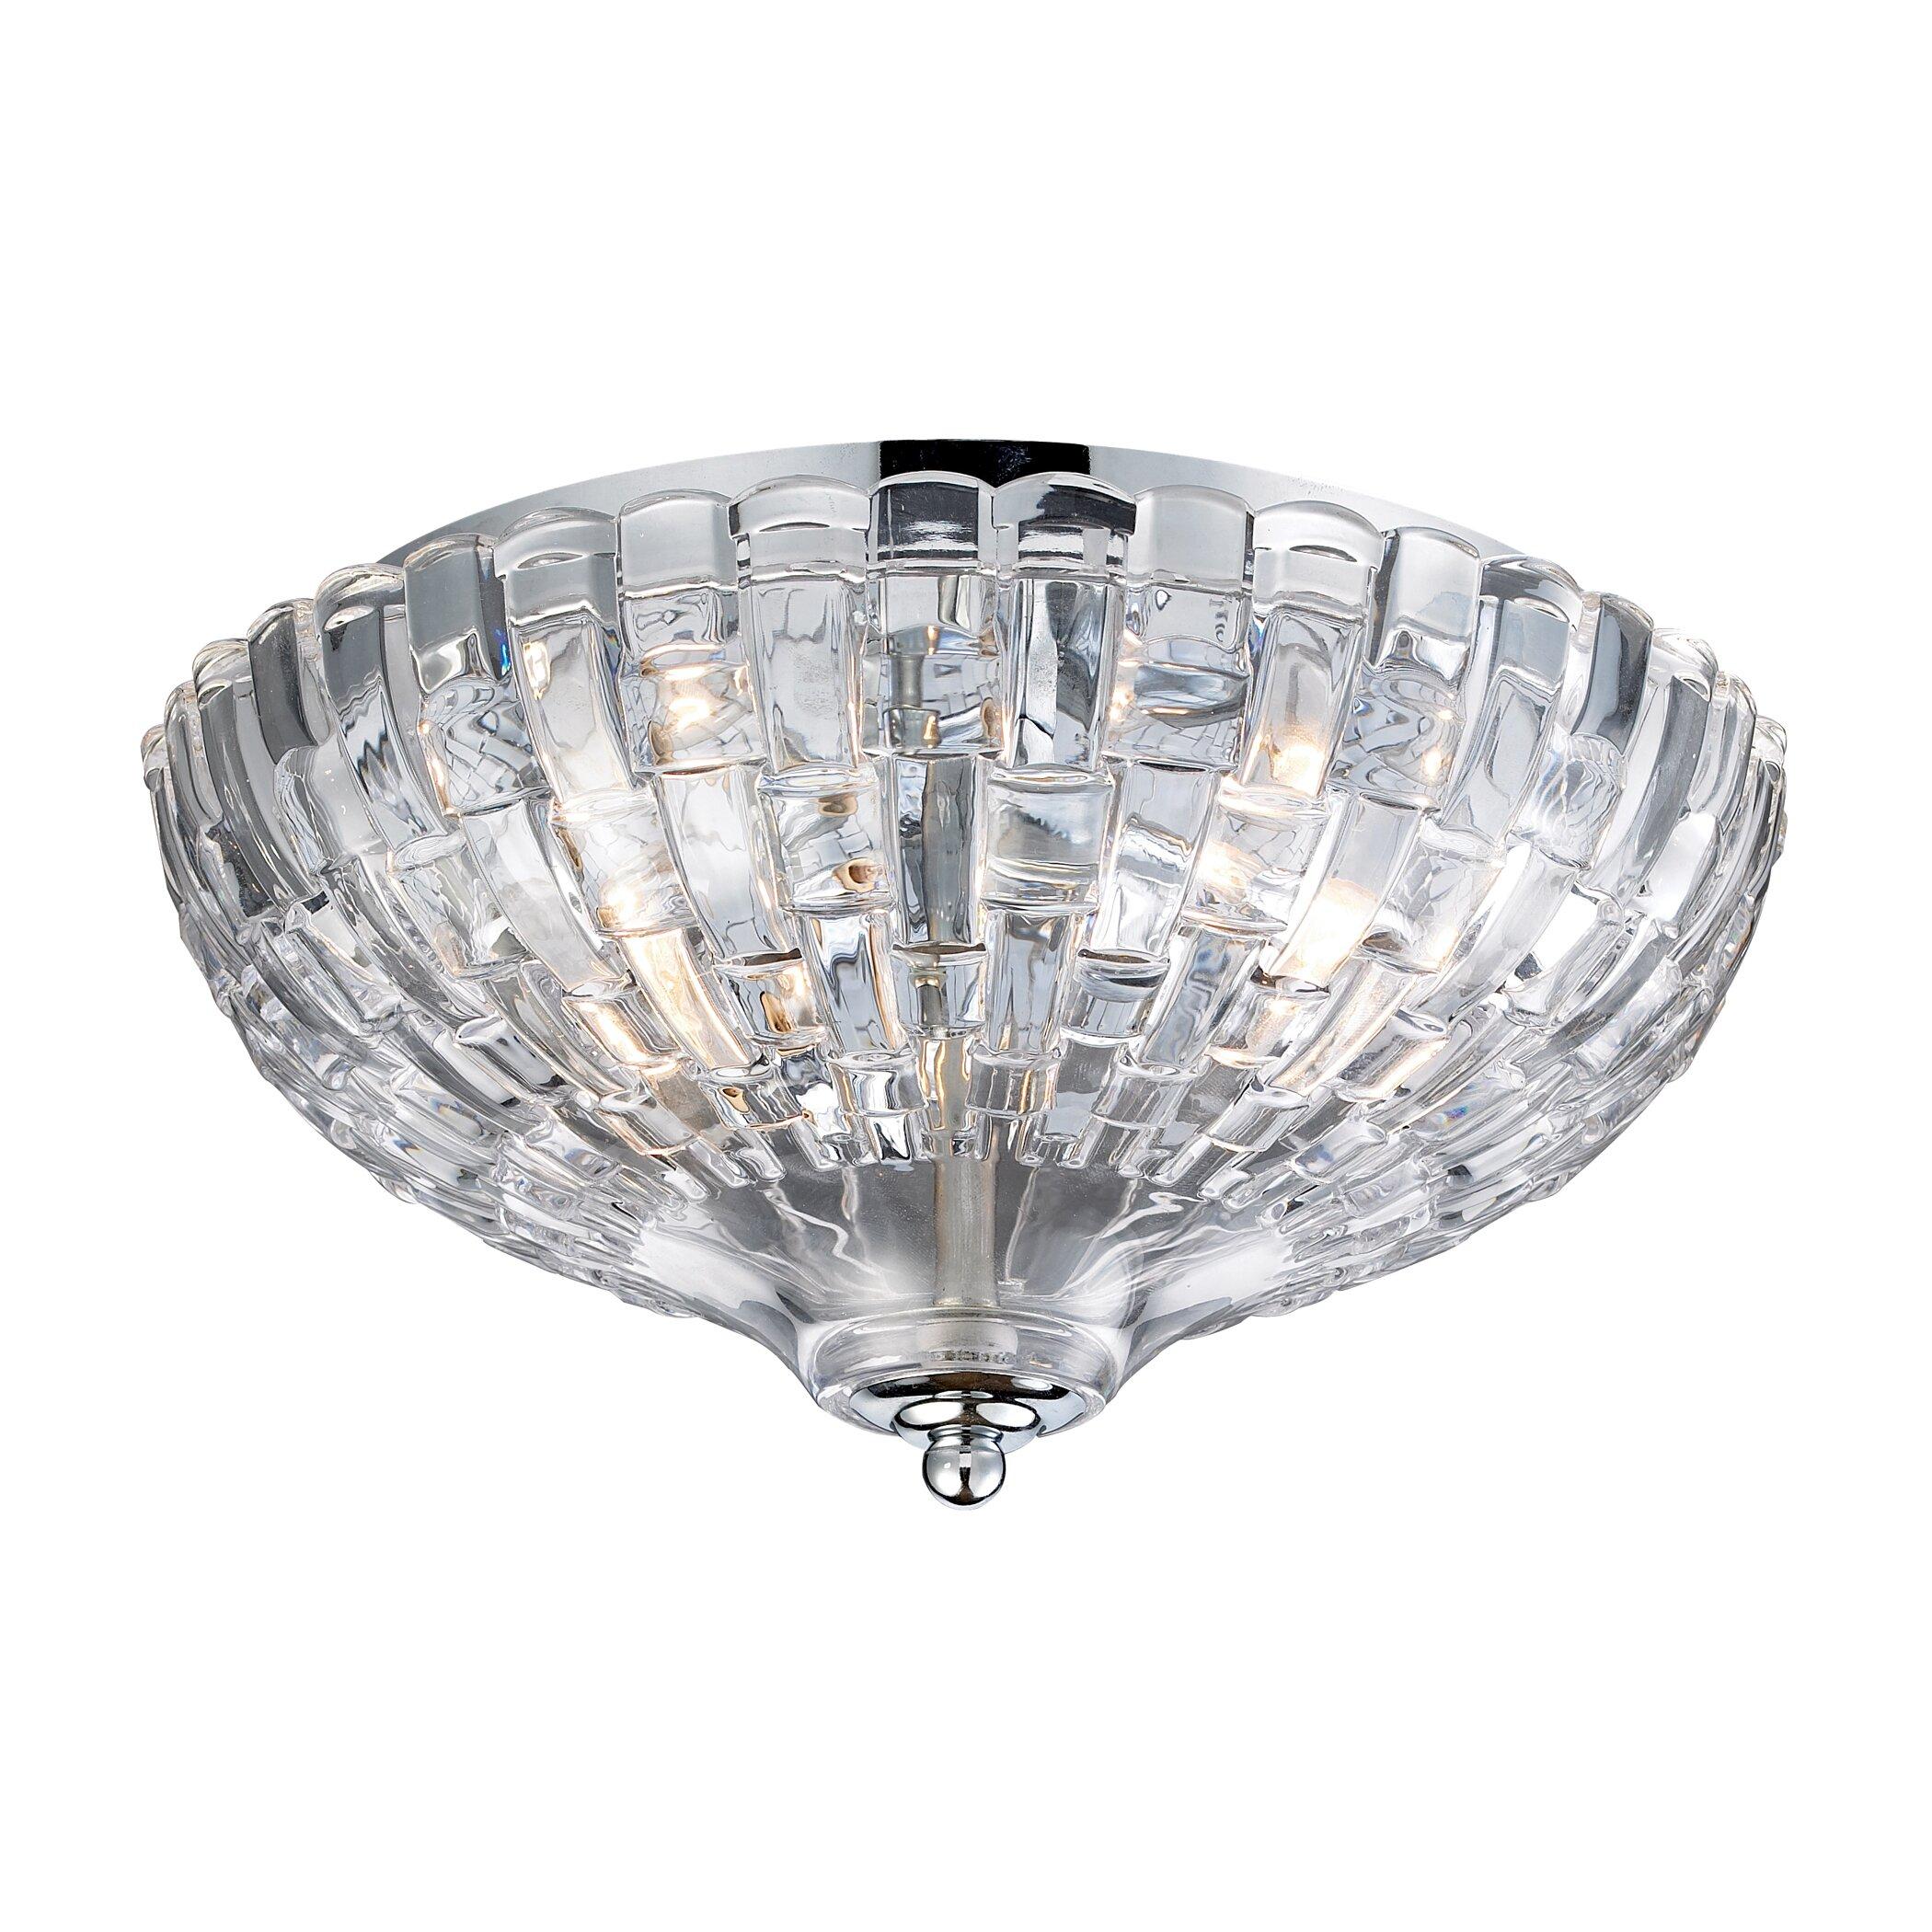 Titan Lighting Tiffany Buckingham 4 Light Ceiling Mount: Elk Lighting 2 Light Flush Mount & Reviews